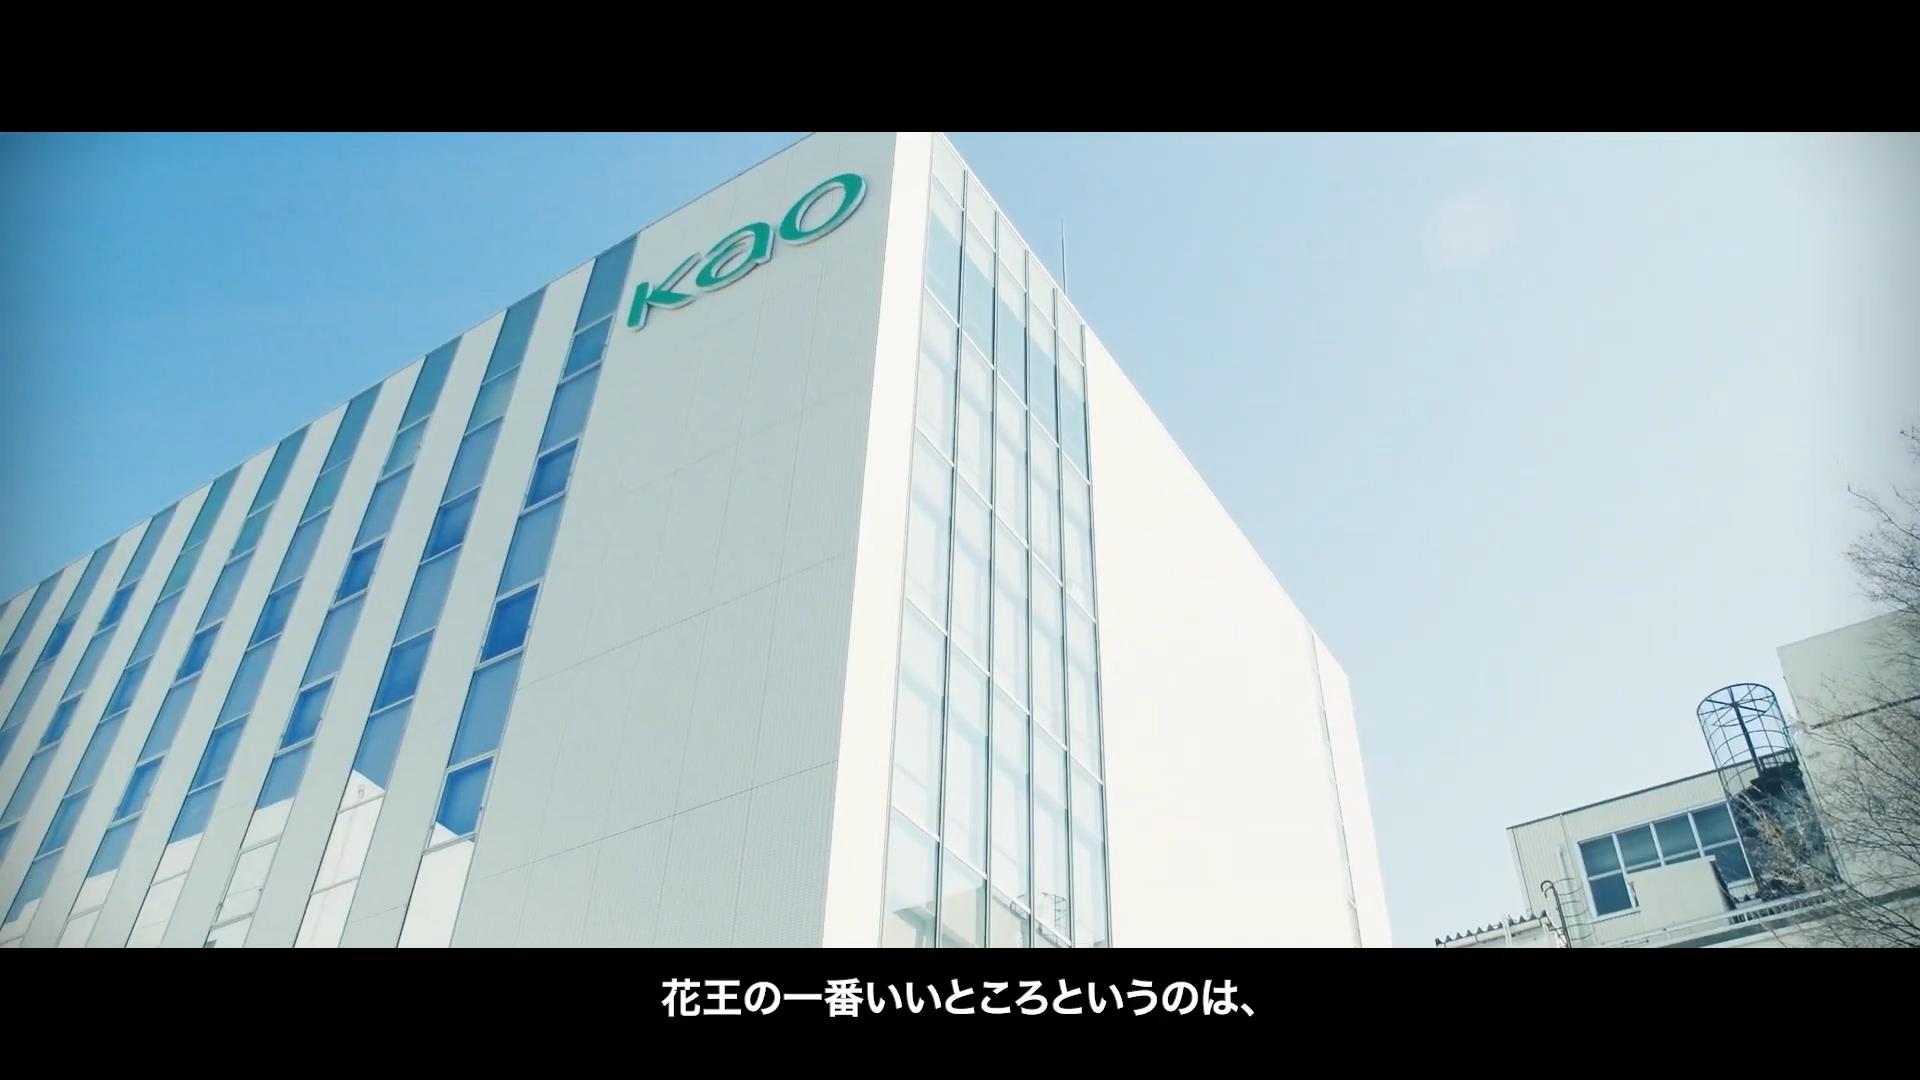 花王 Kao Recruitment Video